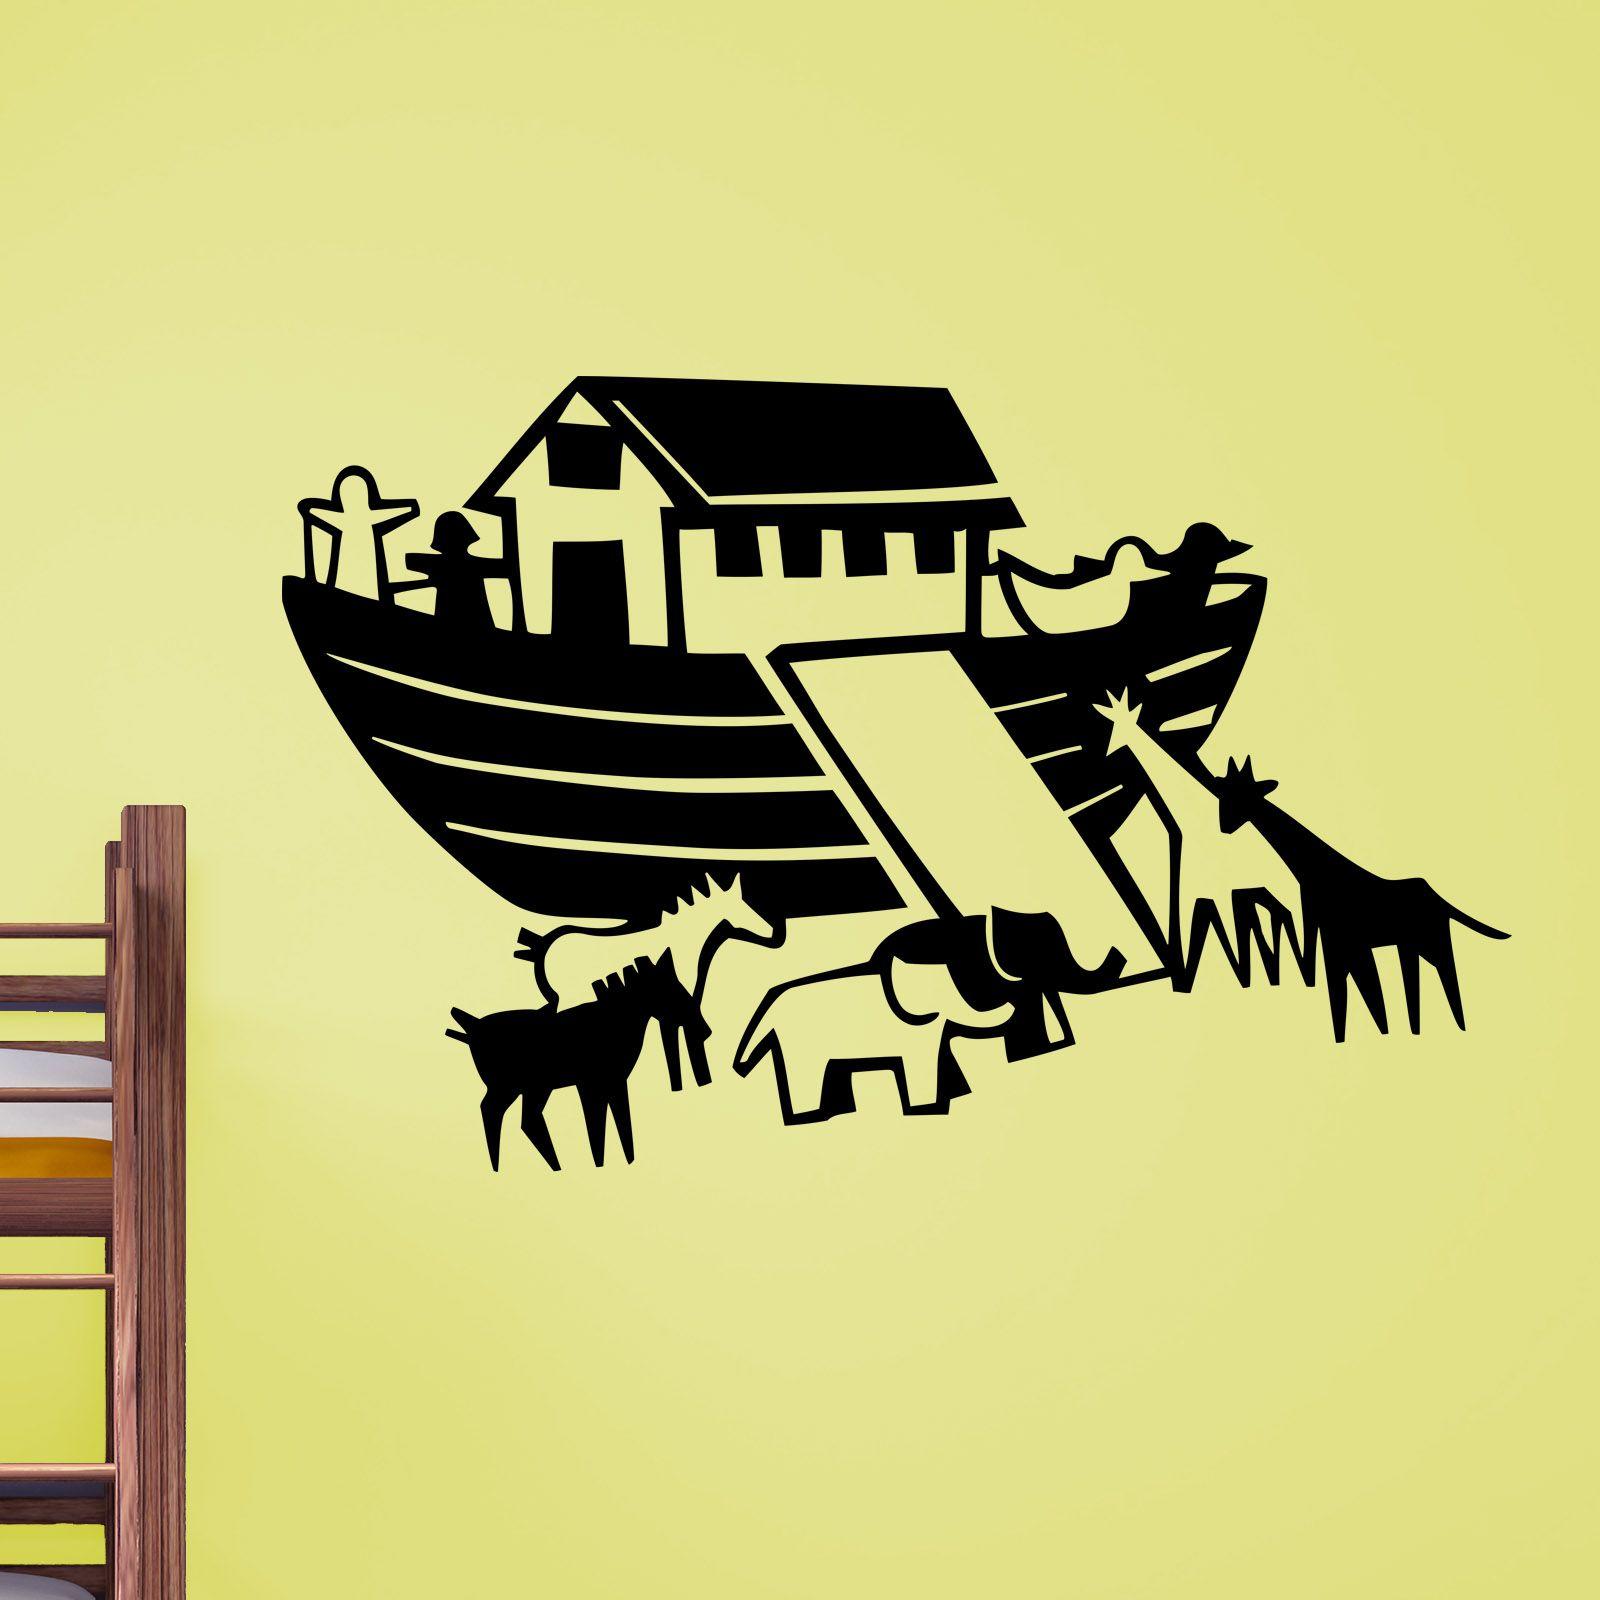 Quality Noahs Ark Regligious Wall Sticker | Silhouette Cameo ...